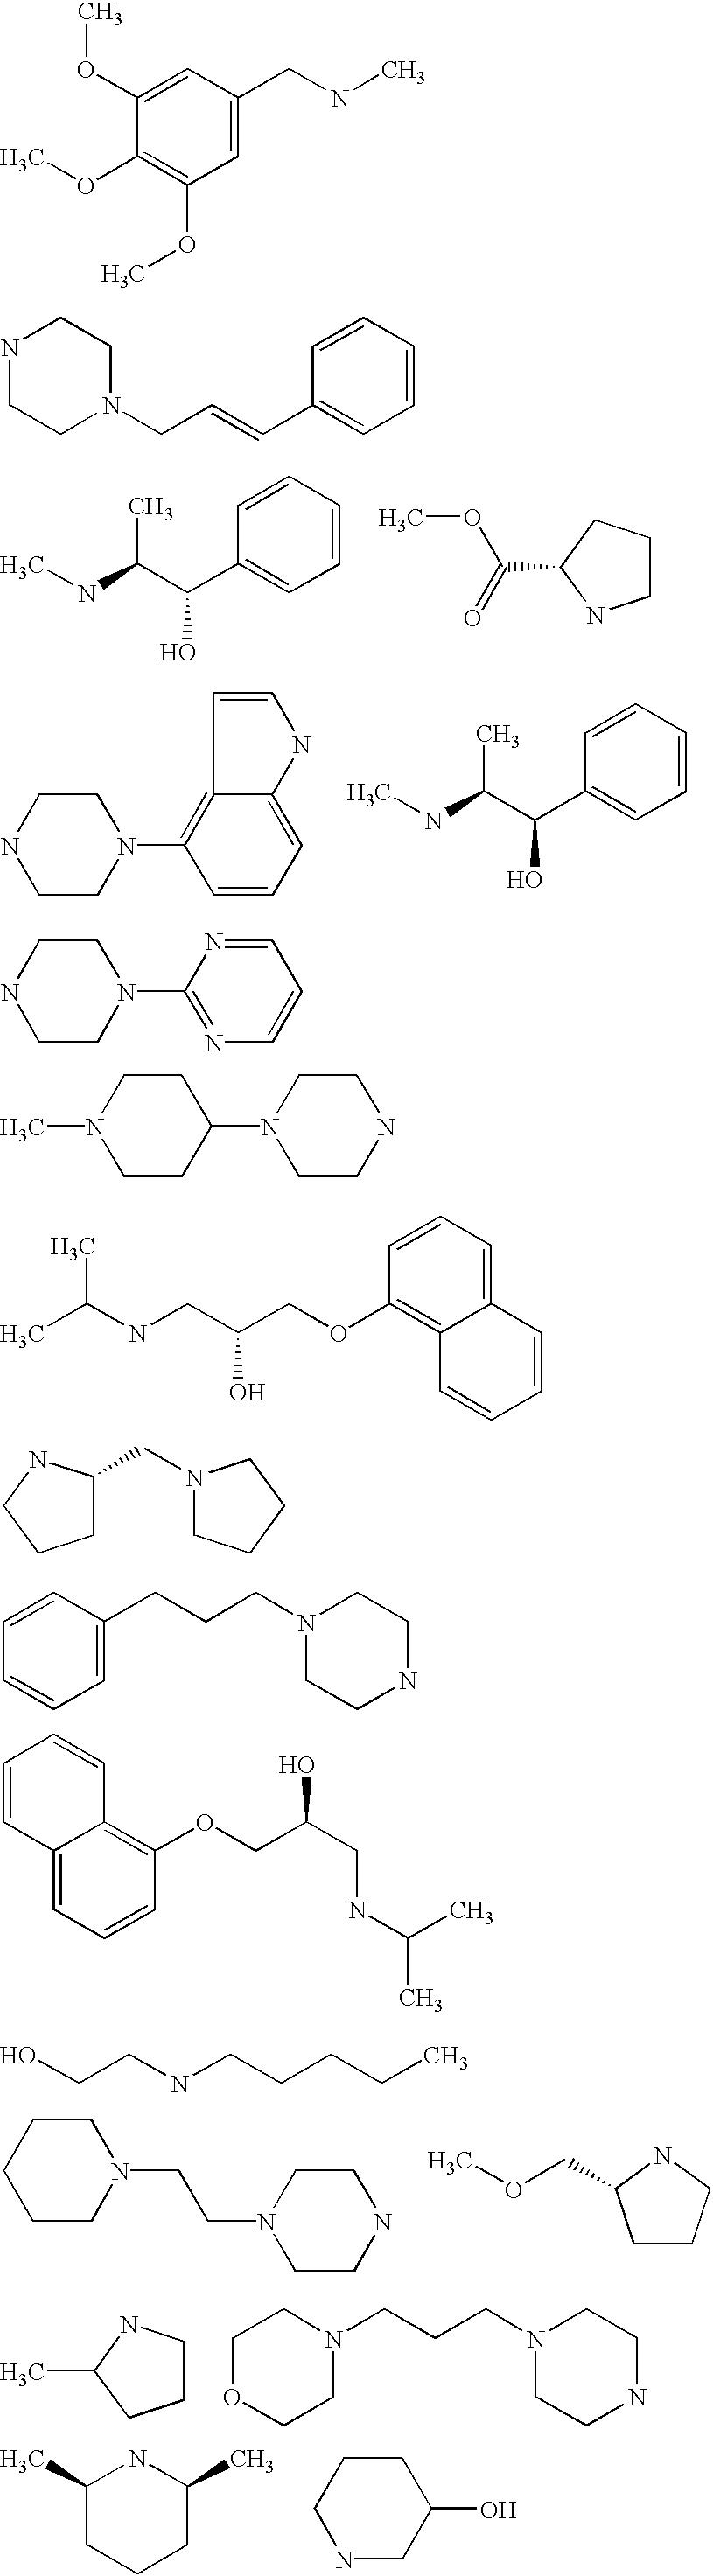 Figure US06693202-20040217-C00072